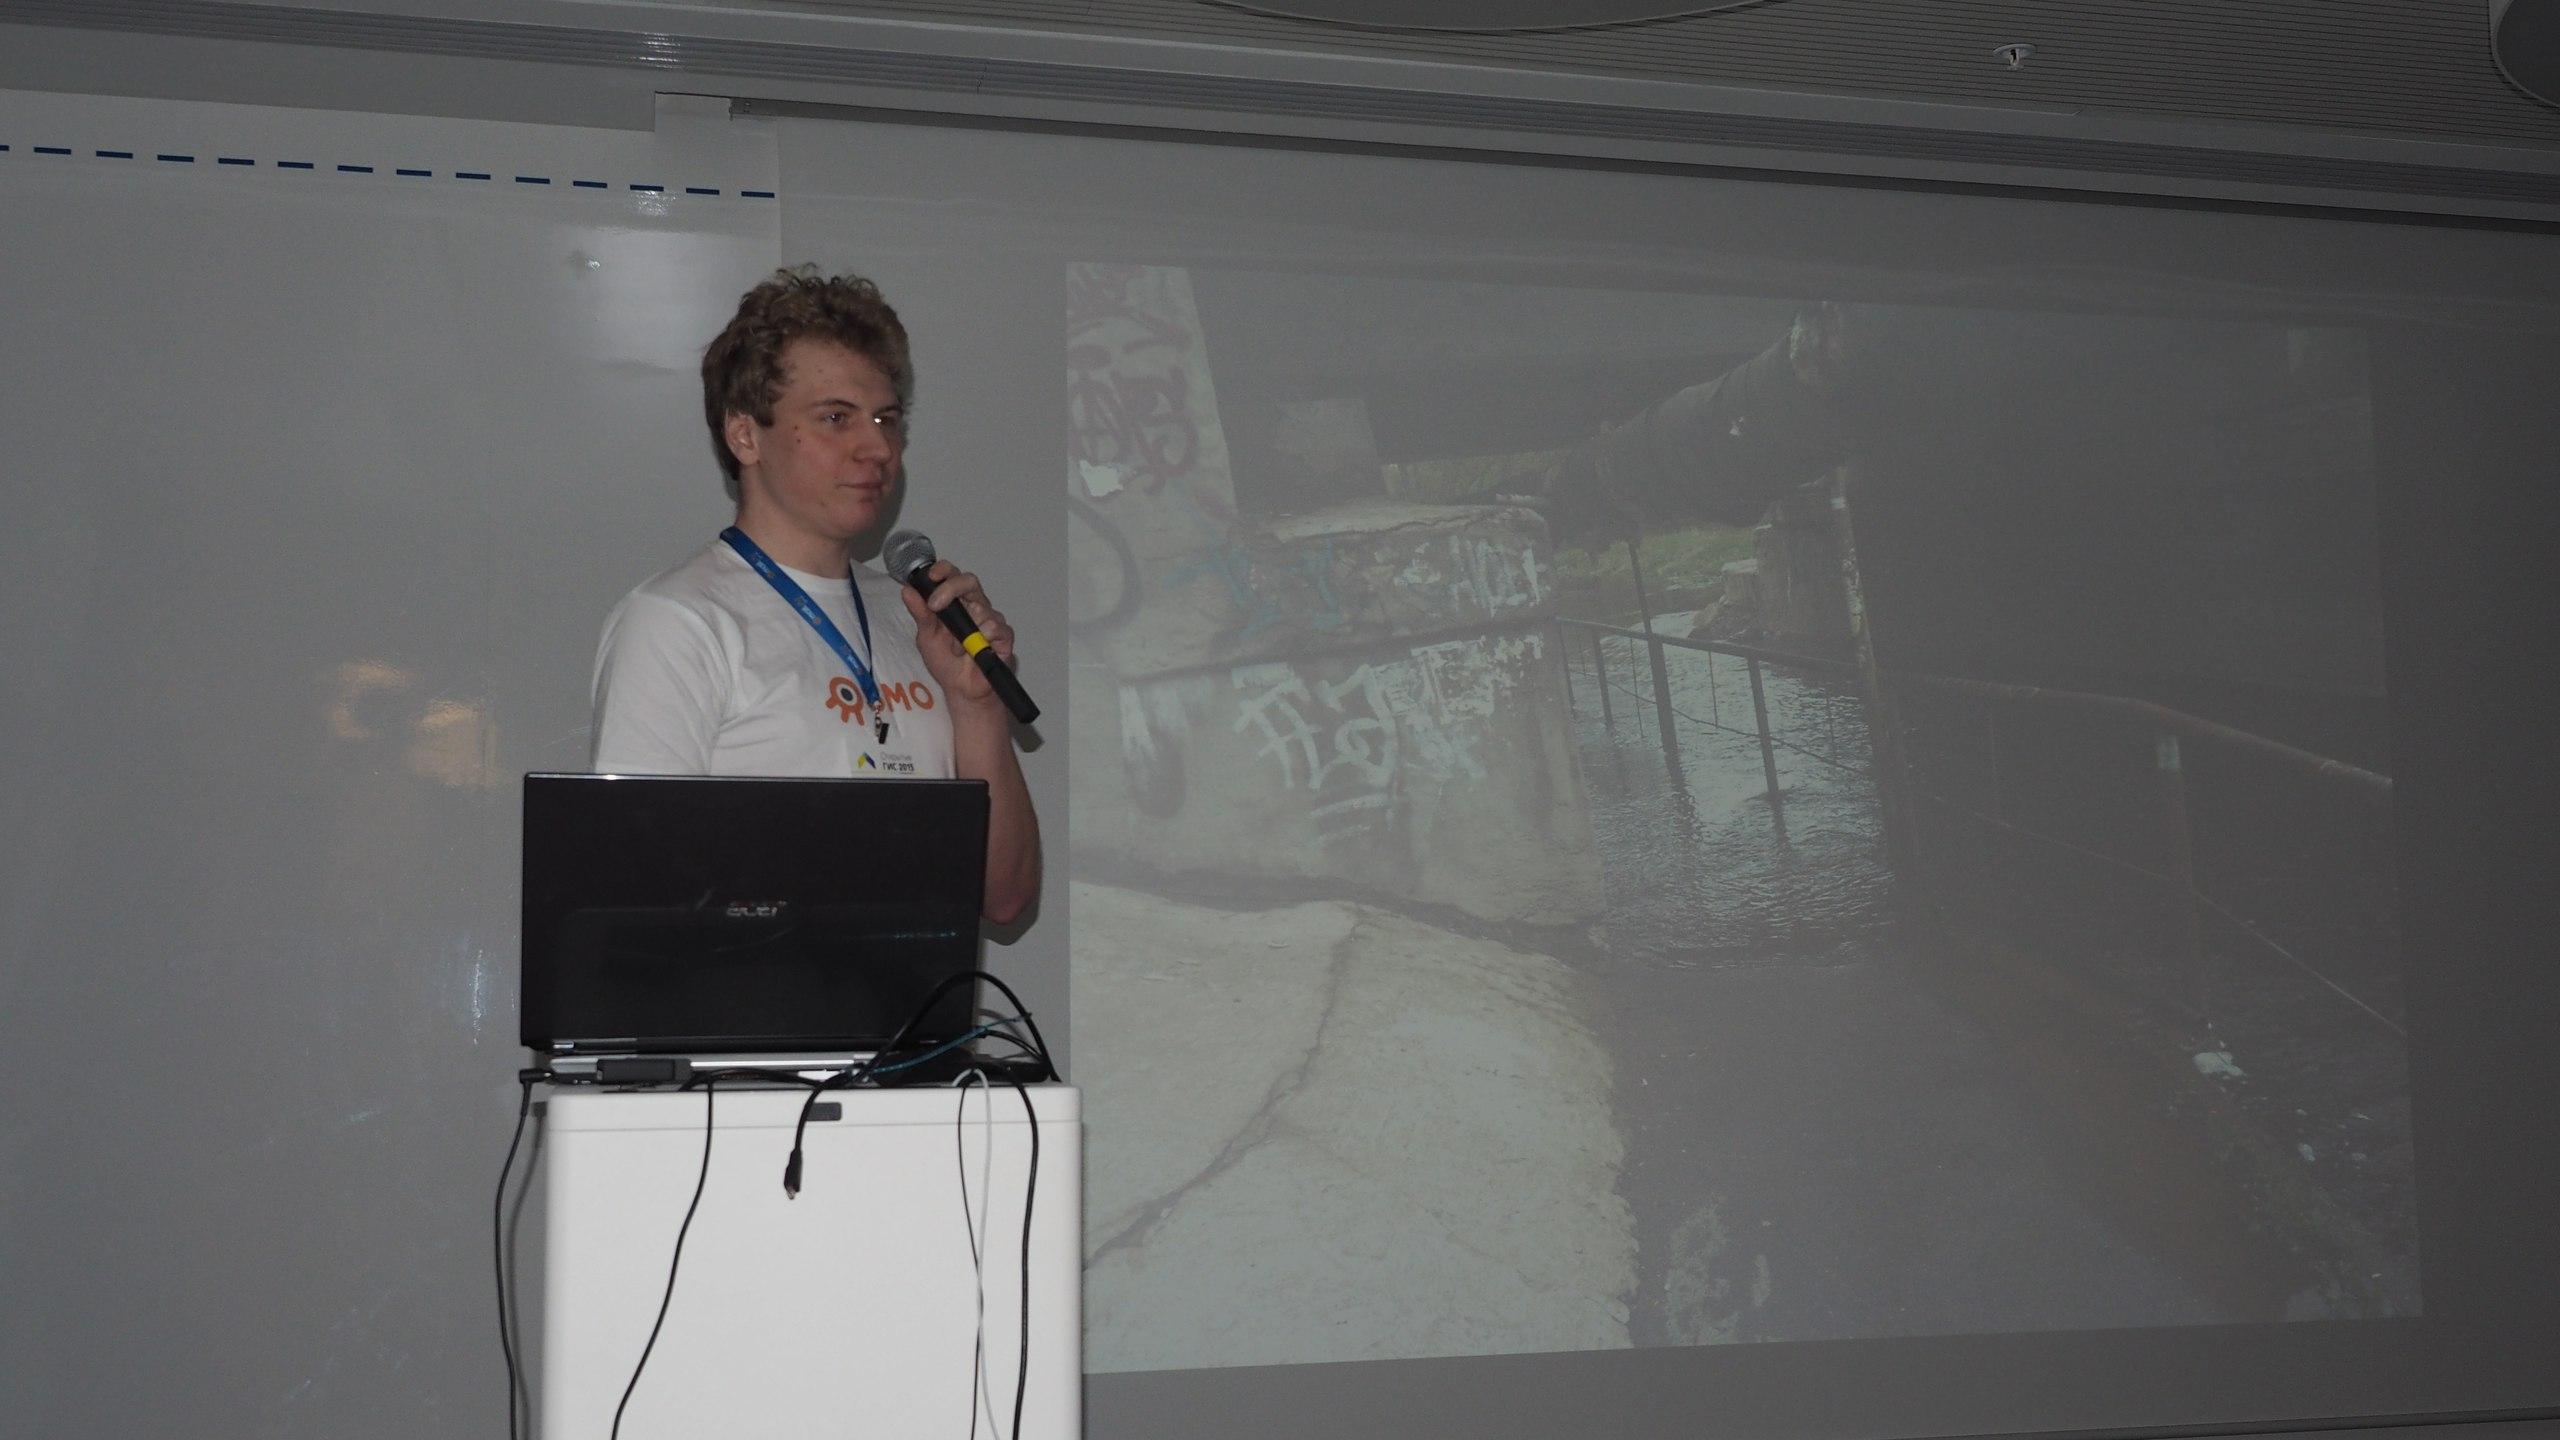 Фото GaM.sh с какой-то конференции :)